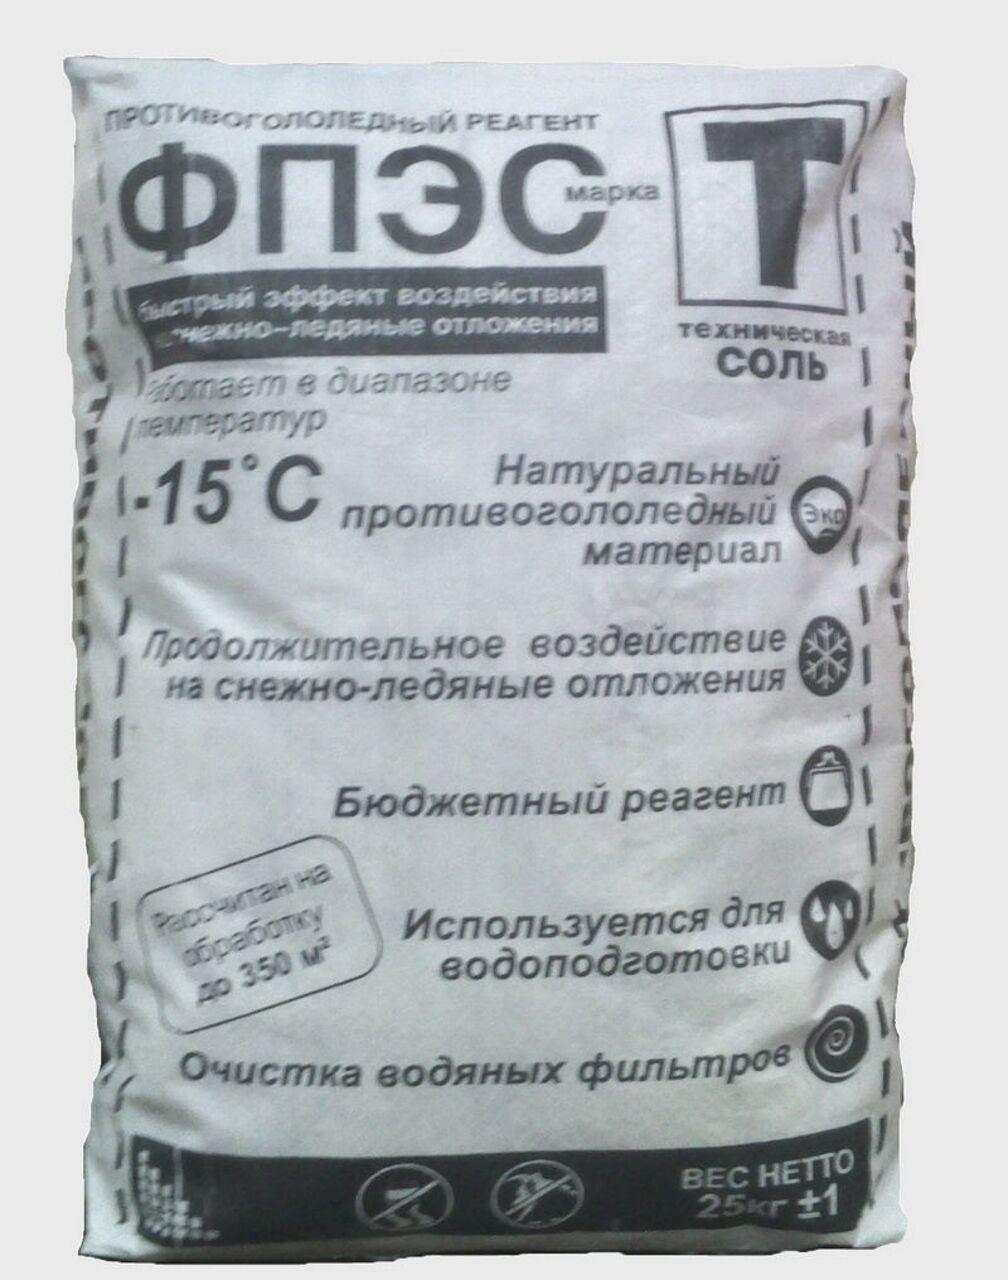 Грибы Дёшево Каспийск полиции обнаружили двухлитровую бутылку с маслом гашиша в железнодорожном районе